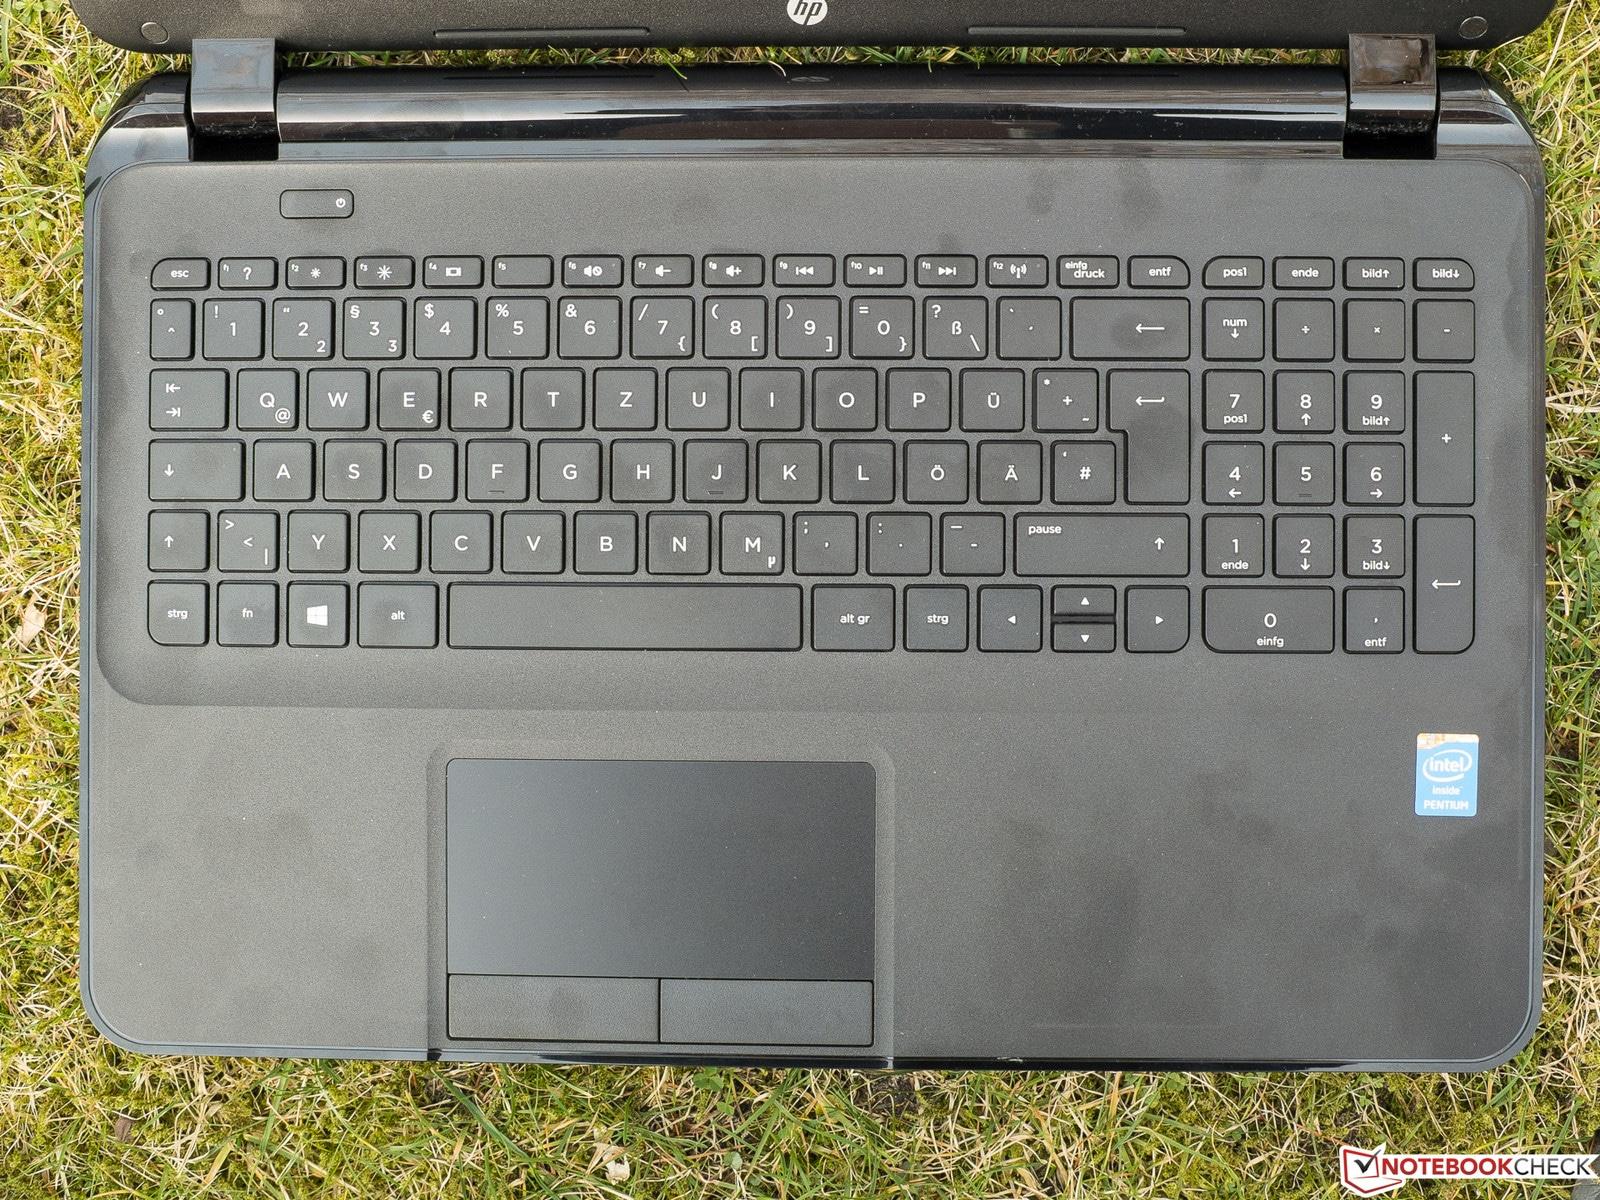 Revue de presse des tests publiés sur le Web (HP 250 G2 Fanless)